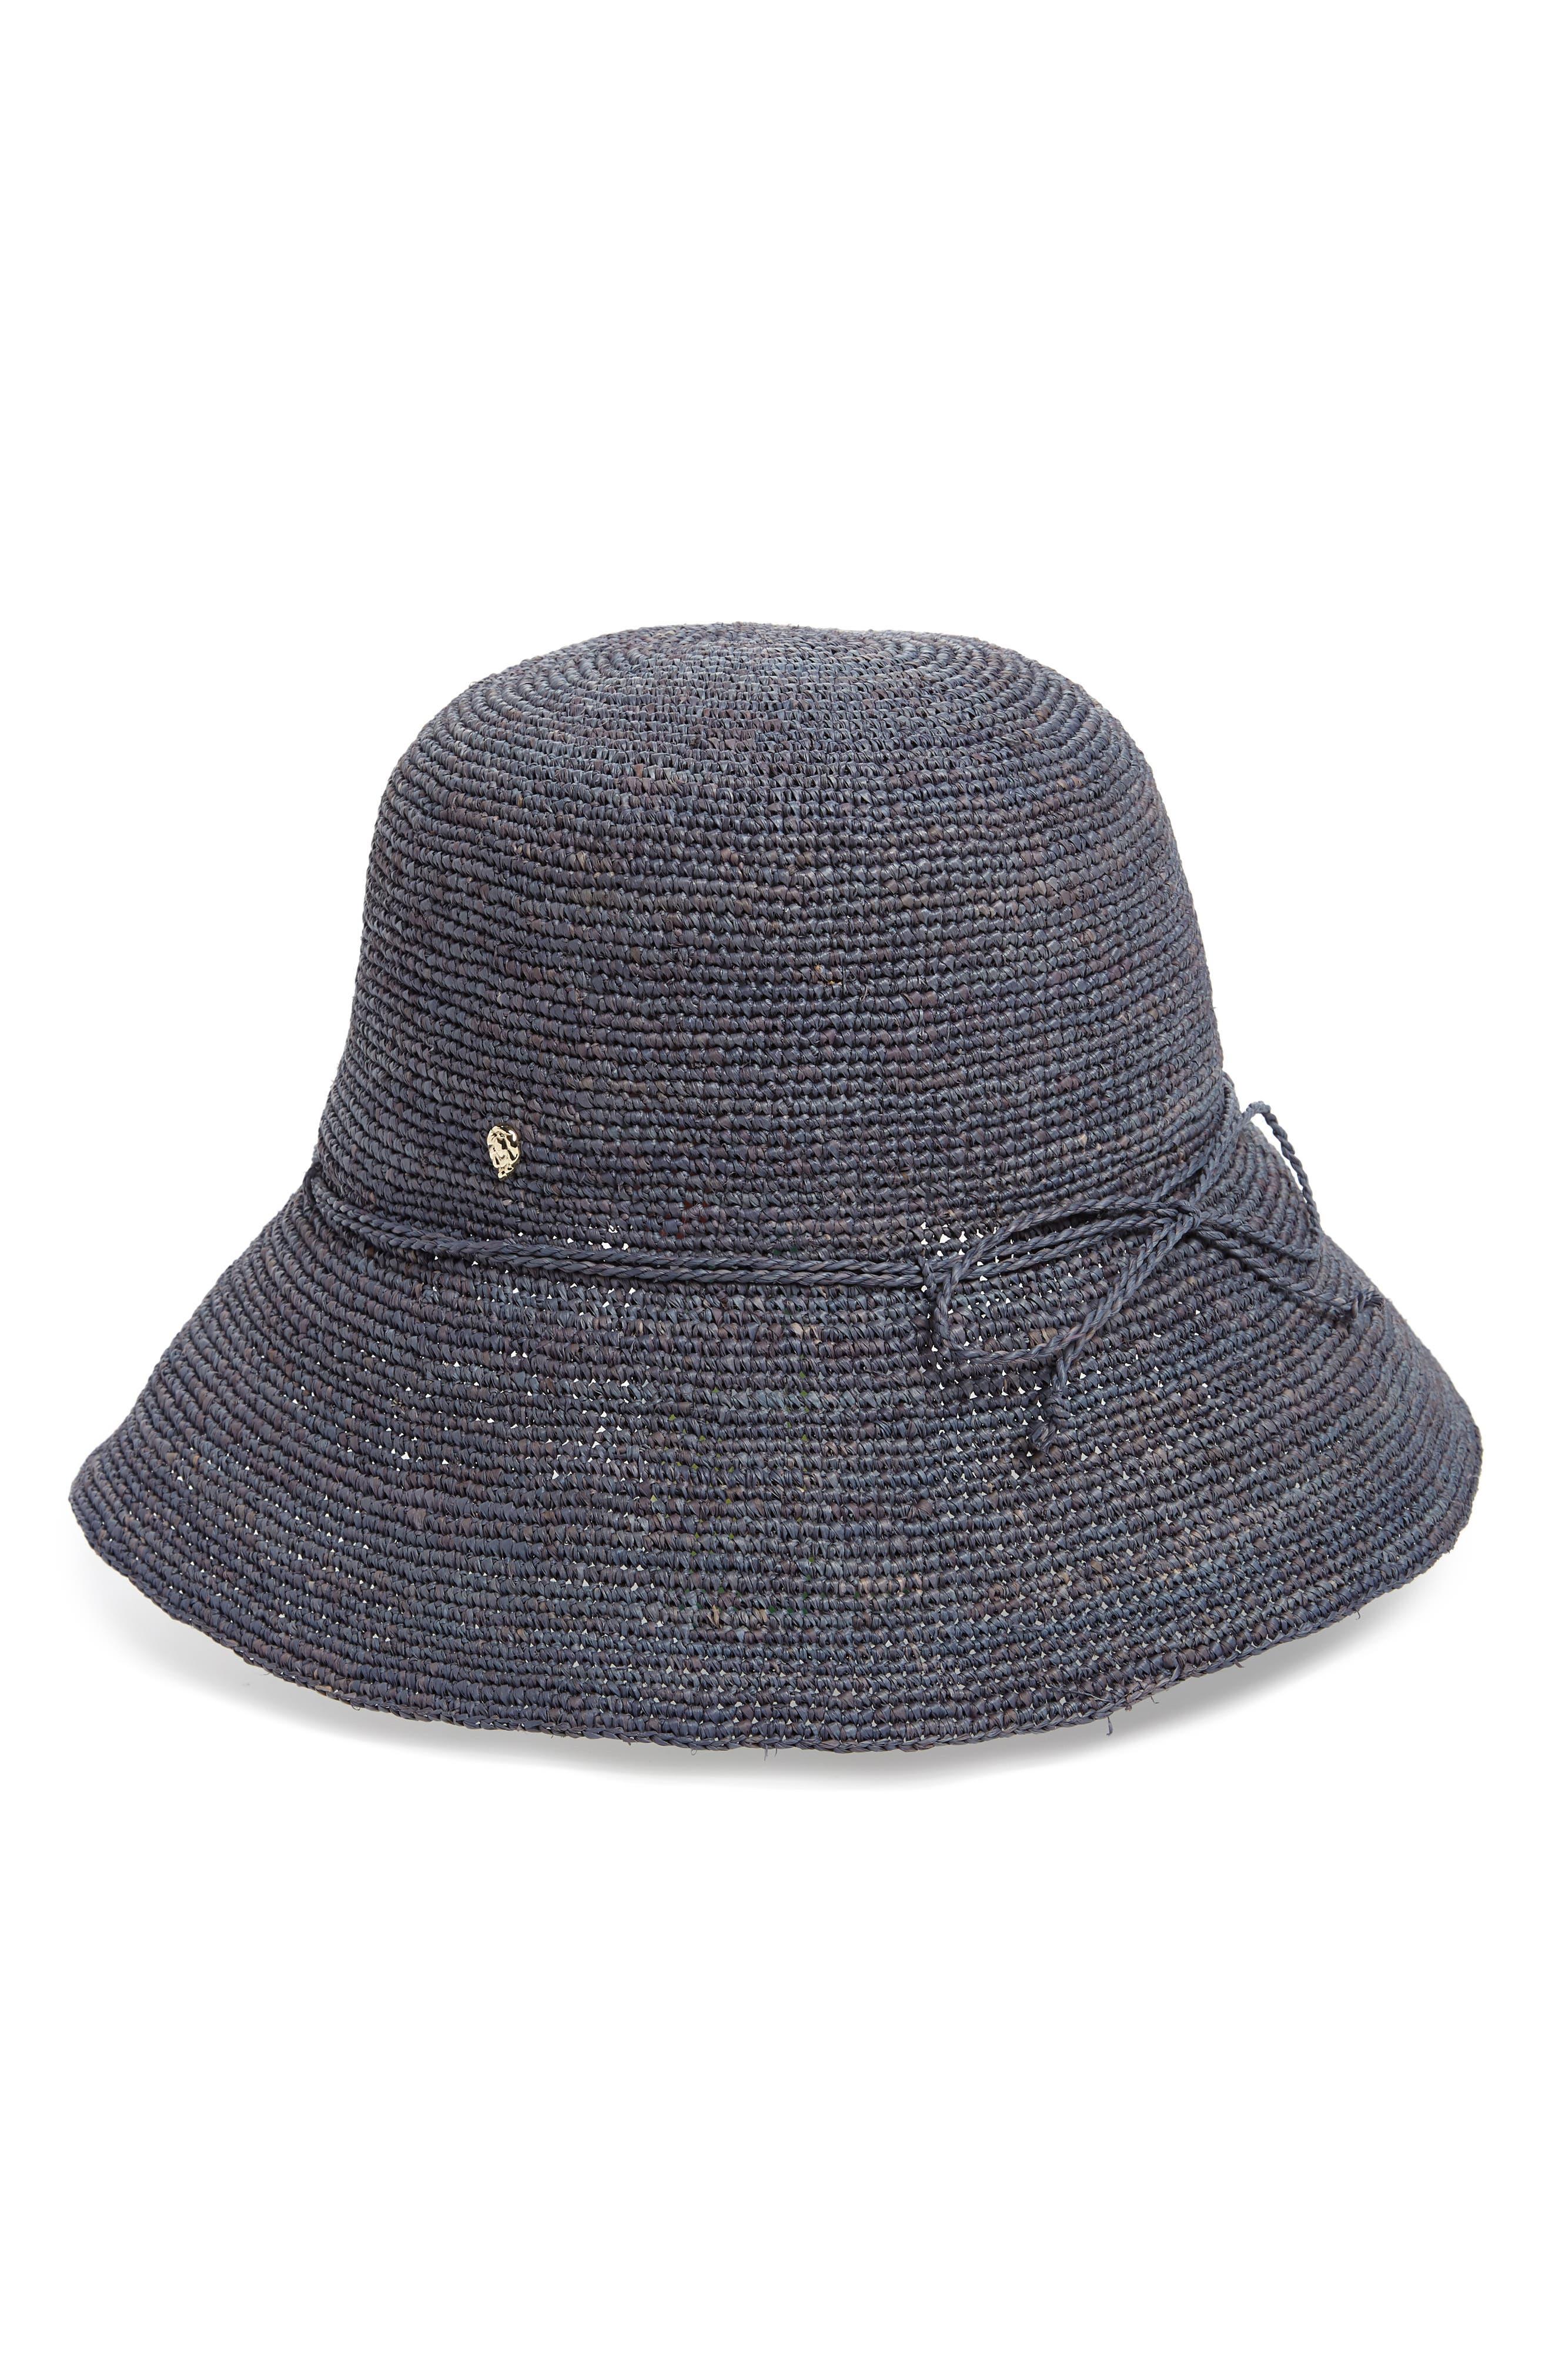 '9 Villa' Raffia Straw Hat,                         Main,                         color, 400